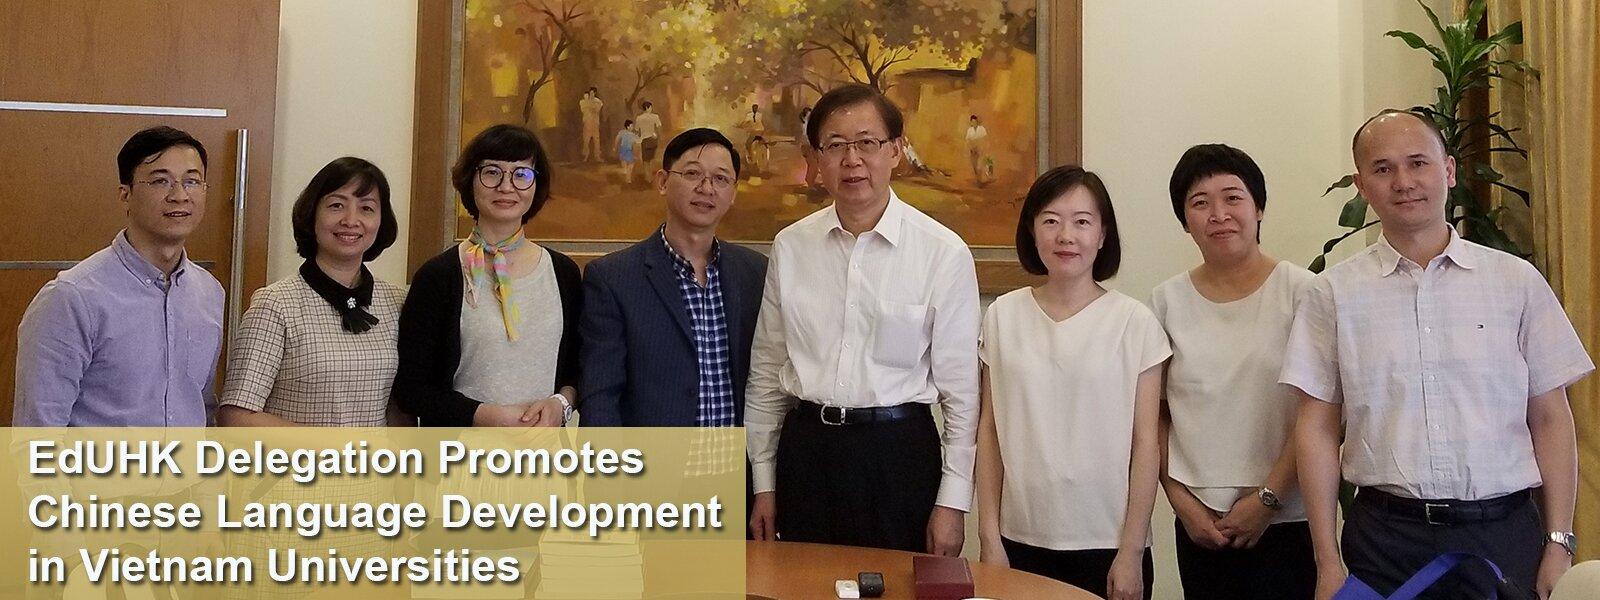 教大代表團訪問越南高校推動漢語教學